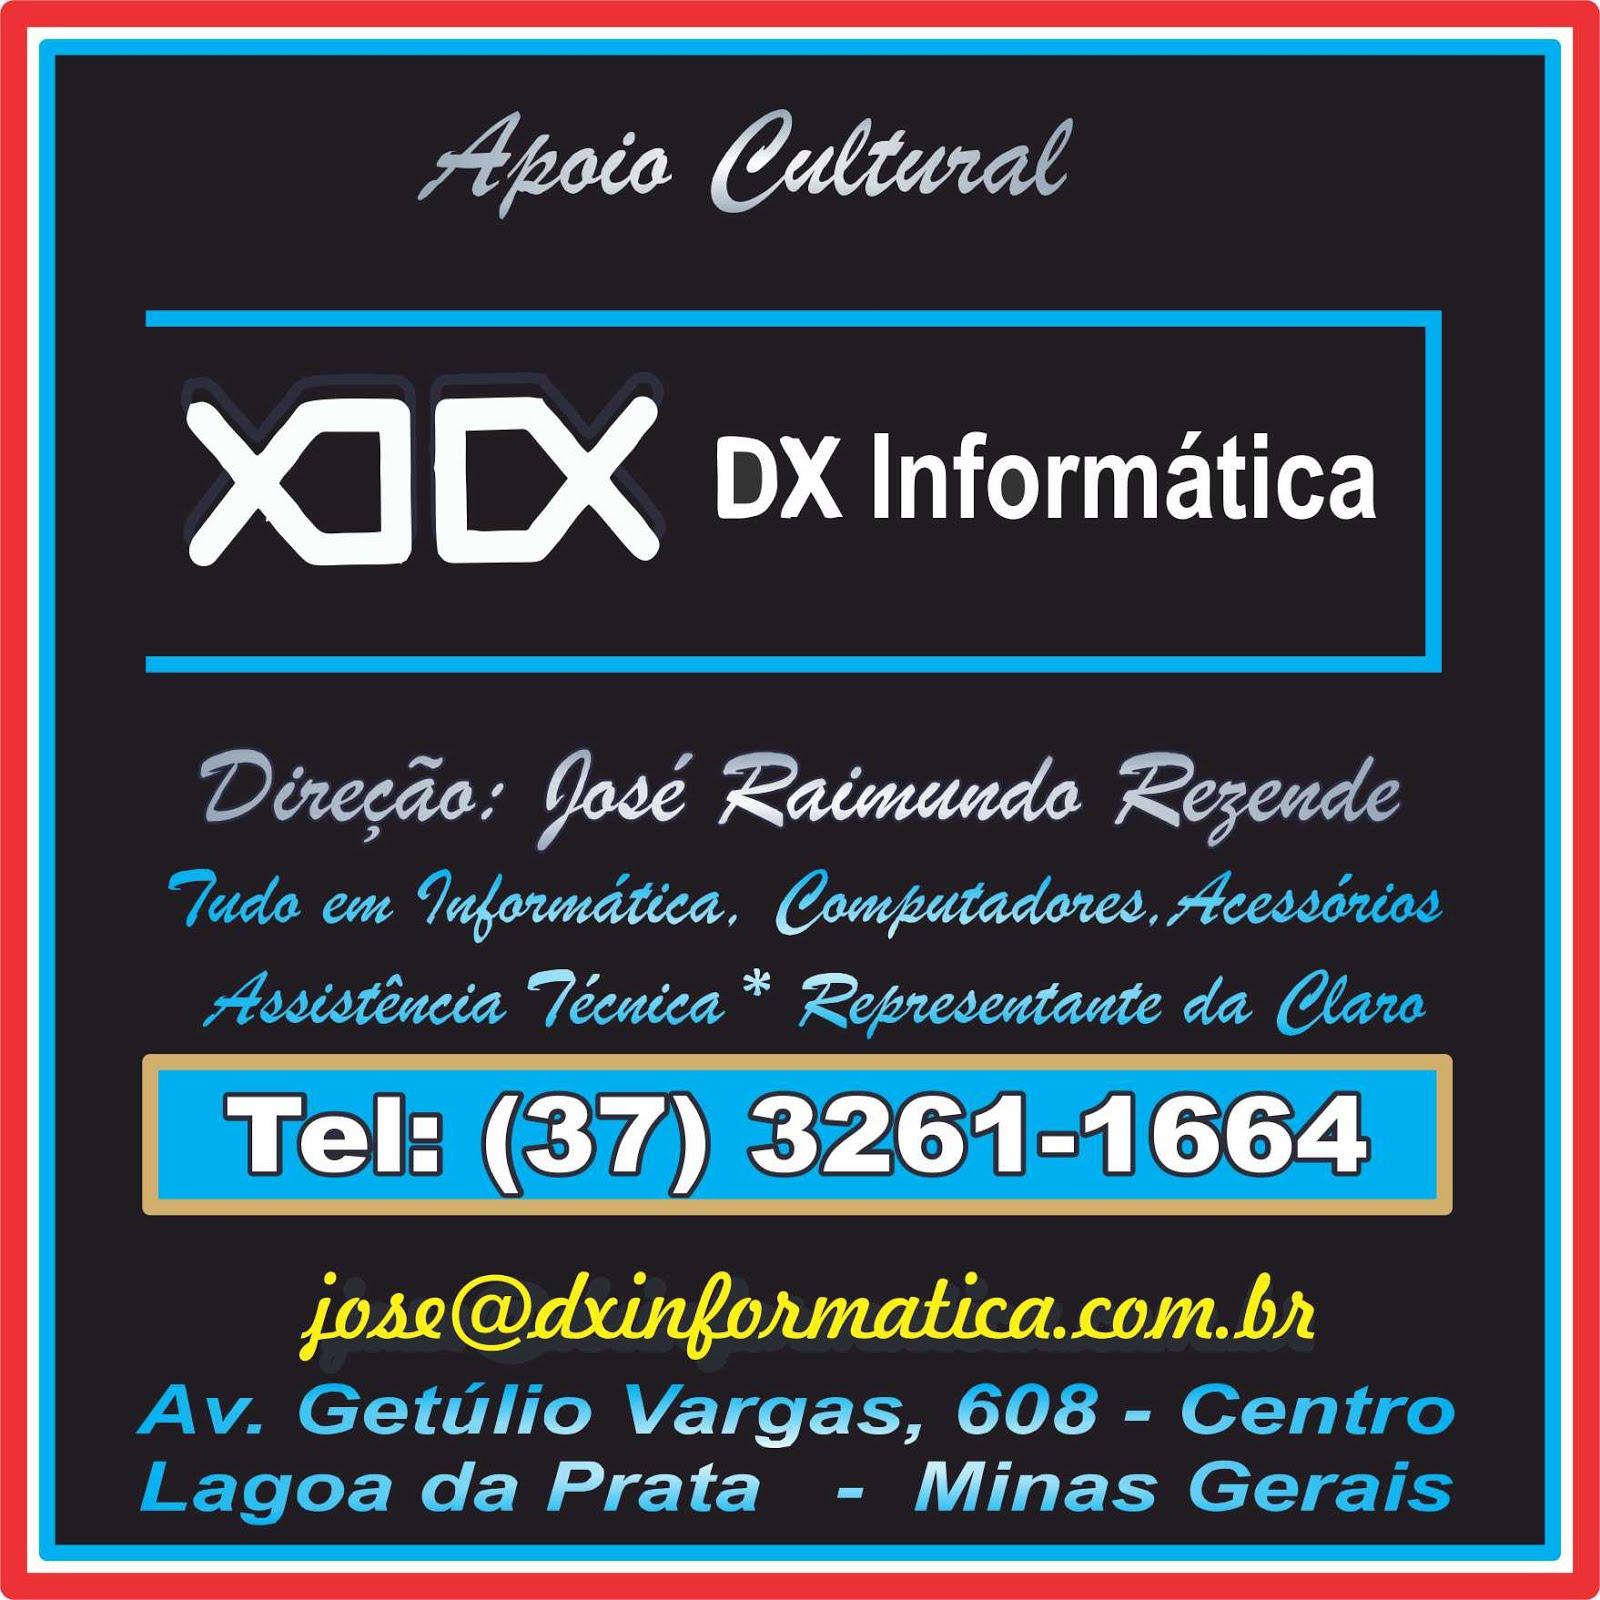 DX Informática em Lagoa da Prata